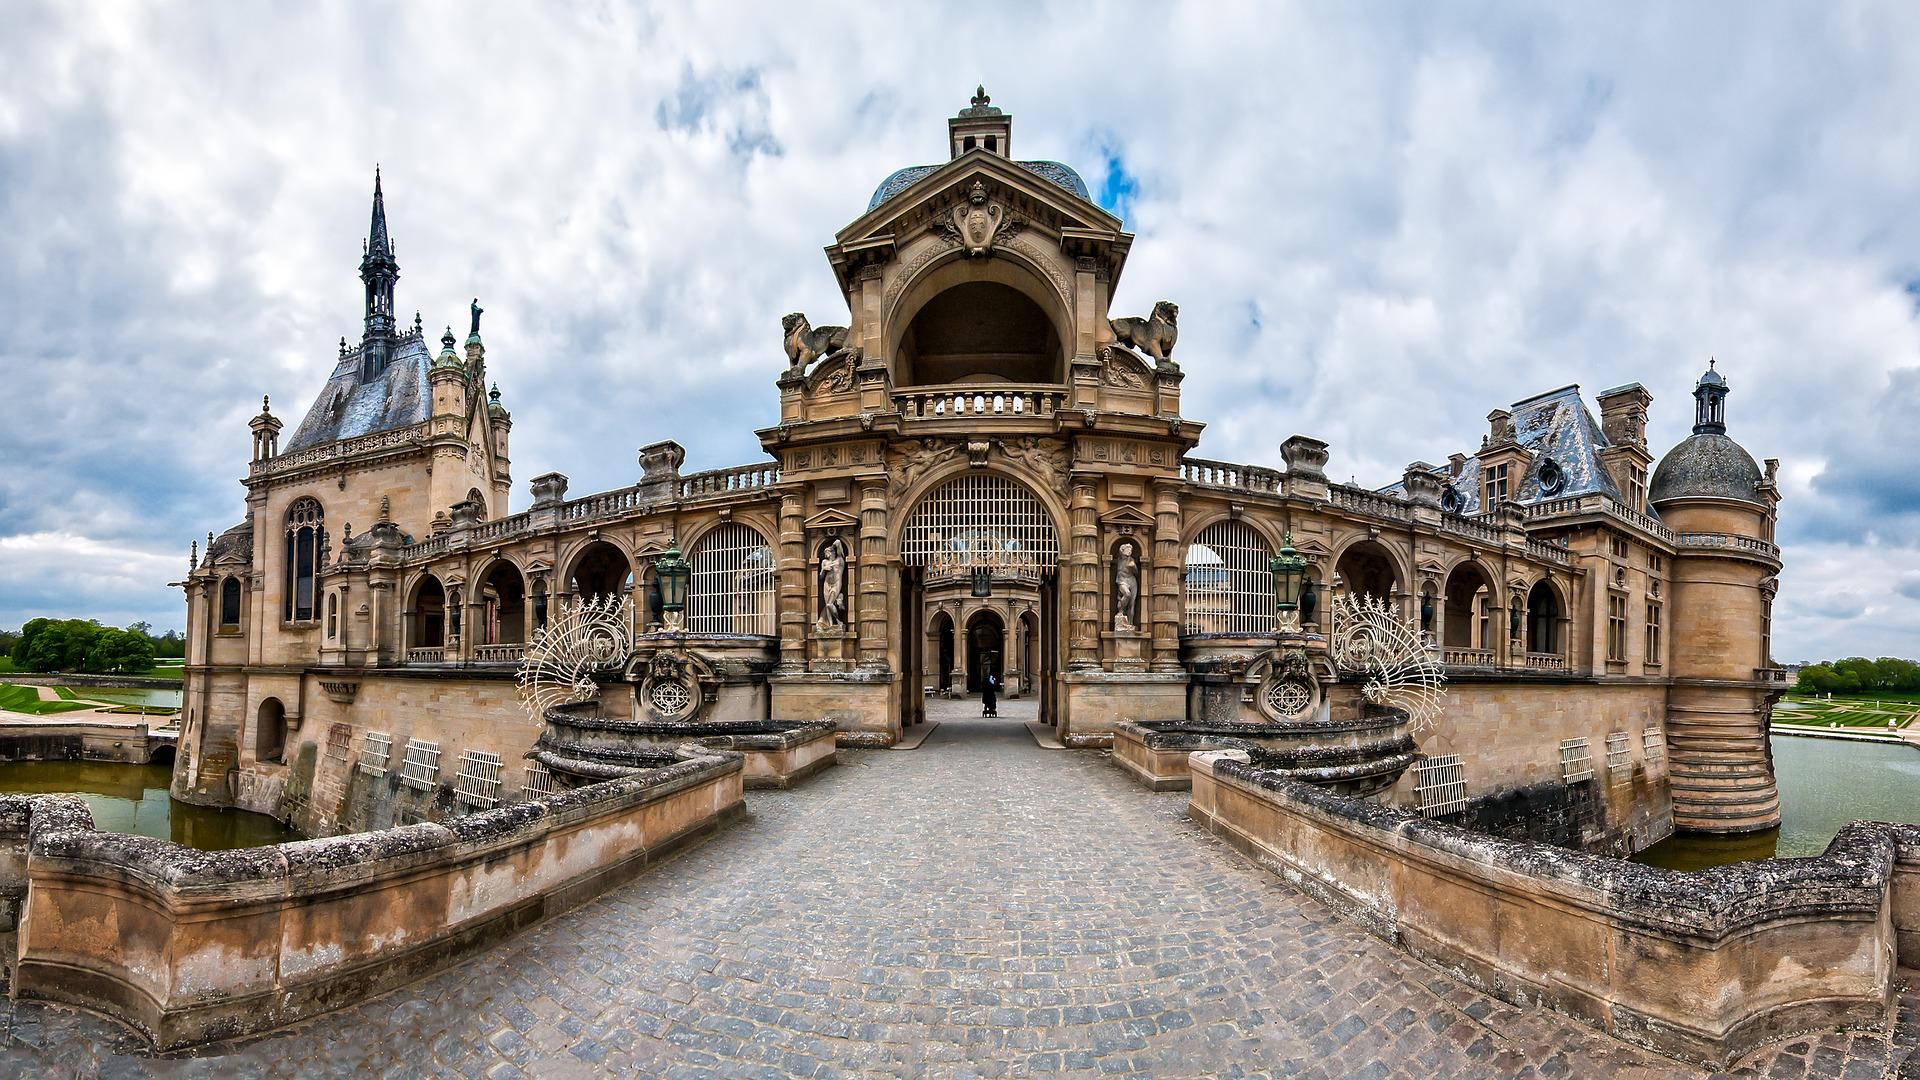 Chateau in Paris einer der beliebtesten Sehenswüridgkeiten in der Stadt der Liebe